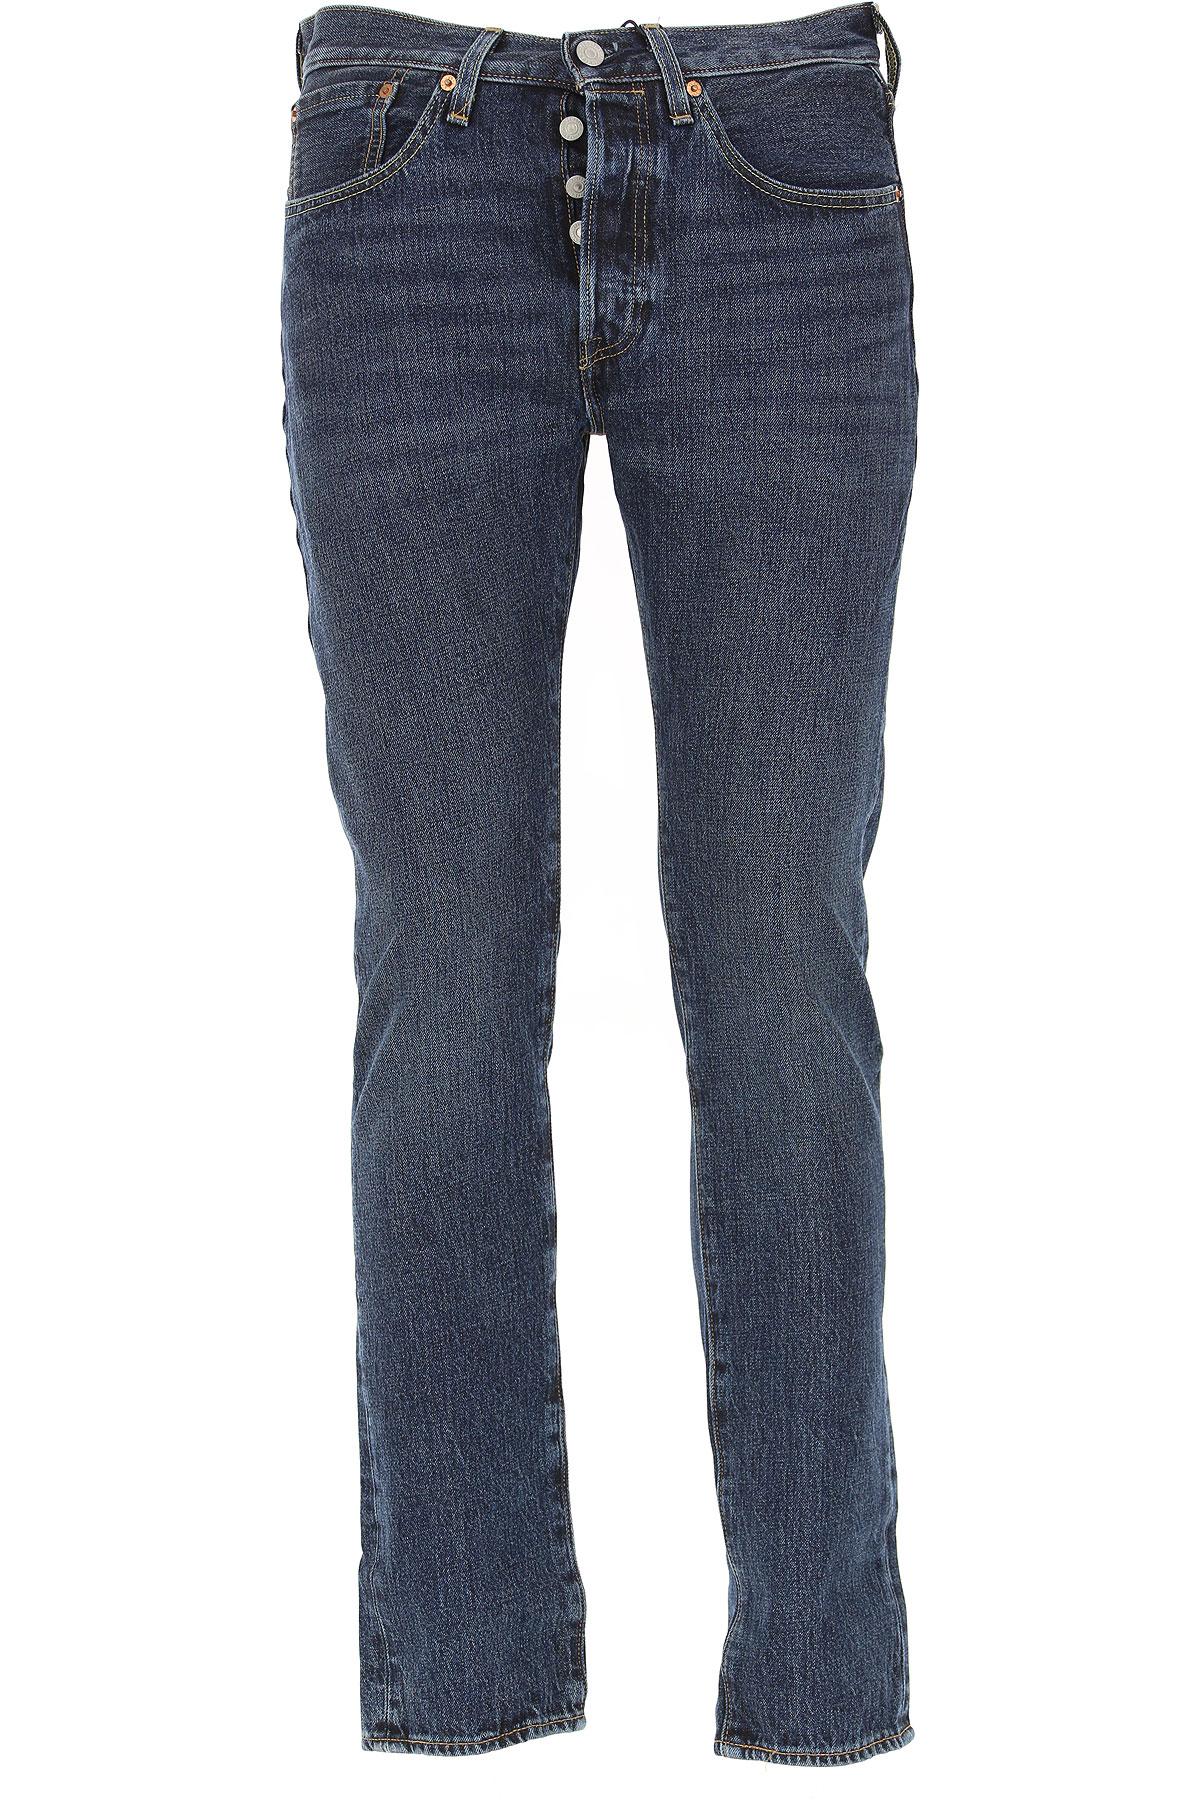 gbr 38 Denim 29 Sale On 31 Cotton Jeans Levis 2019 qzPwSS